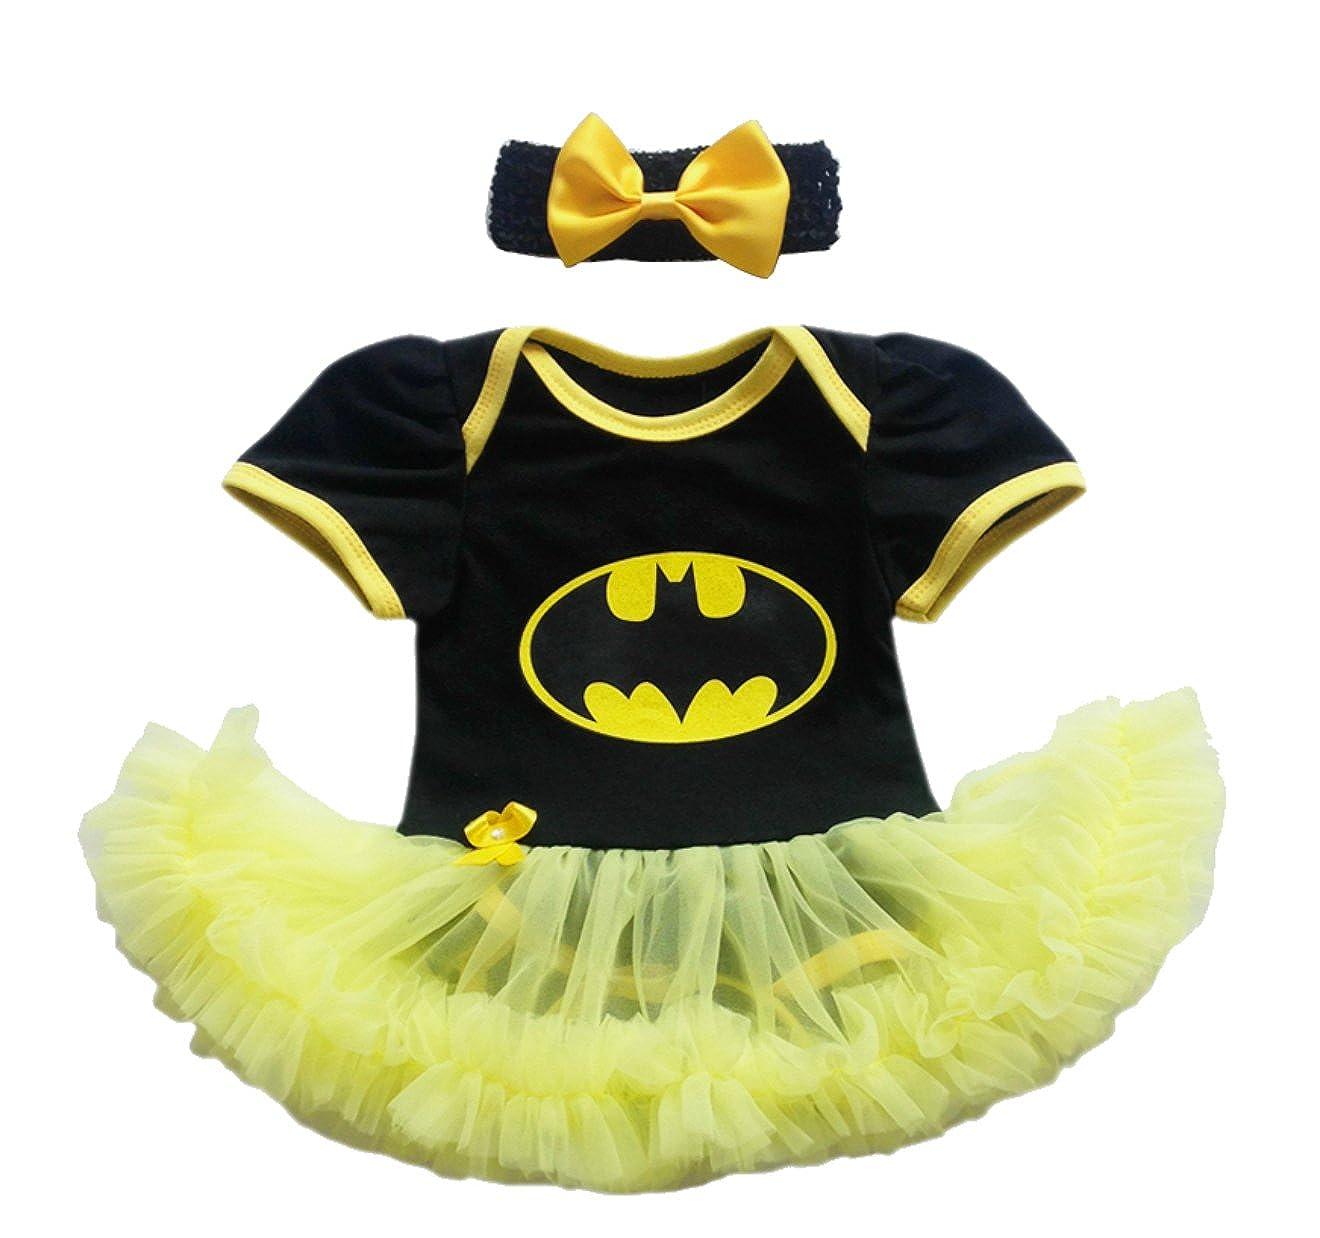 【在庫あり】 Atpapa SKIRT ベビーガールズ 0-3 B071ZF4XCS Months Months Batgirl 0-3 B071ZF4XCS, YAMATAベジフル:ef56c083 --- quiltersinfo.yarnslave.com